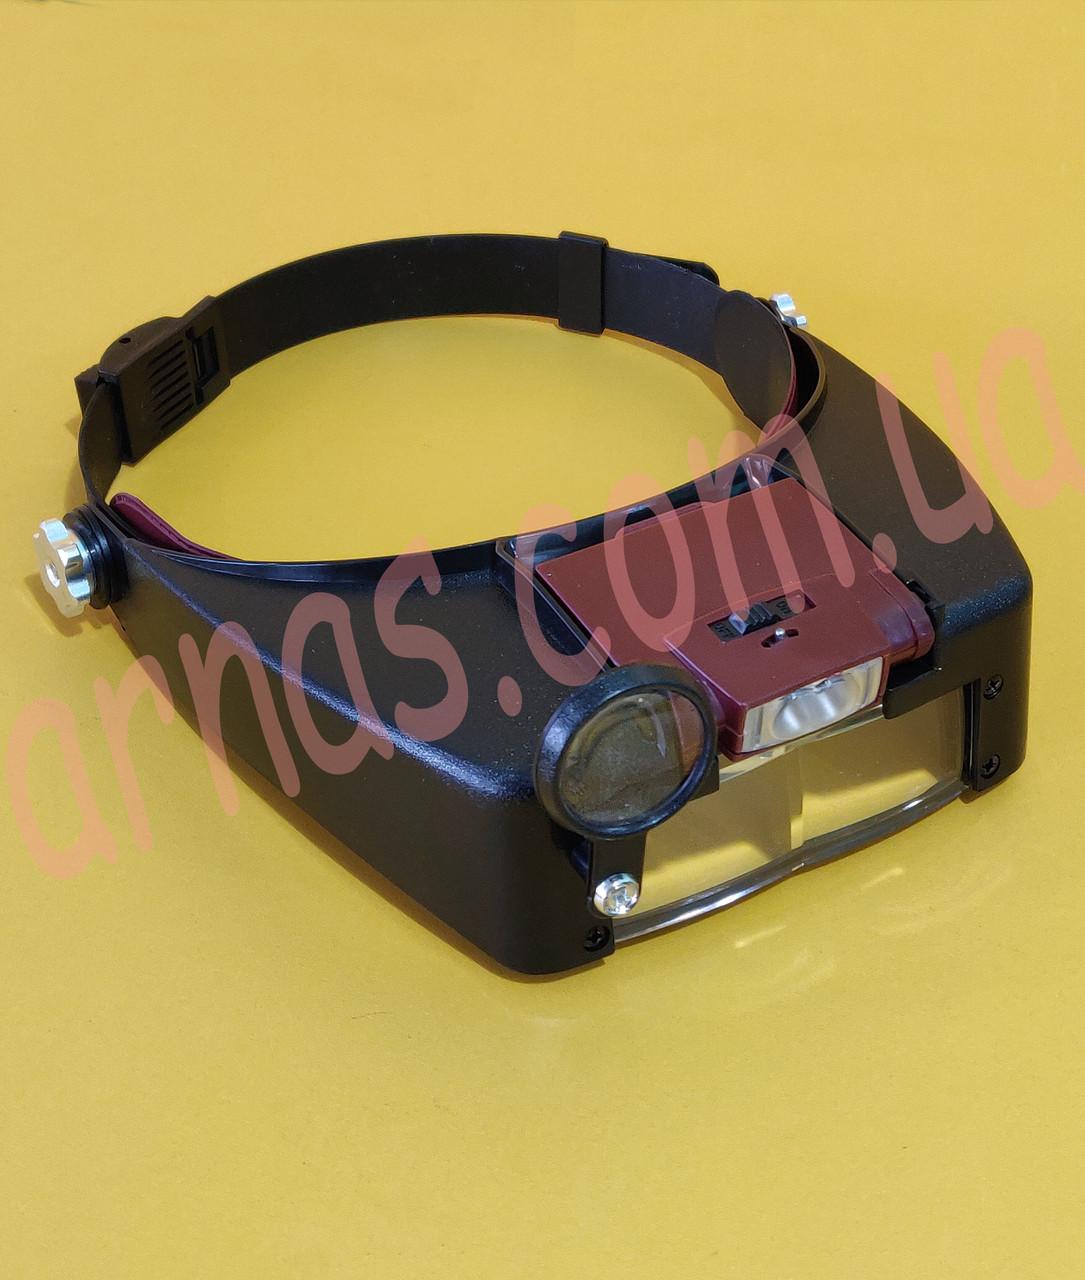 Бинокуляр очки бинокулярные со светодиодной подсветкой MG81007-A